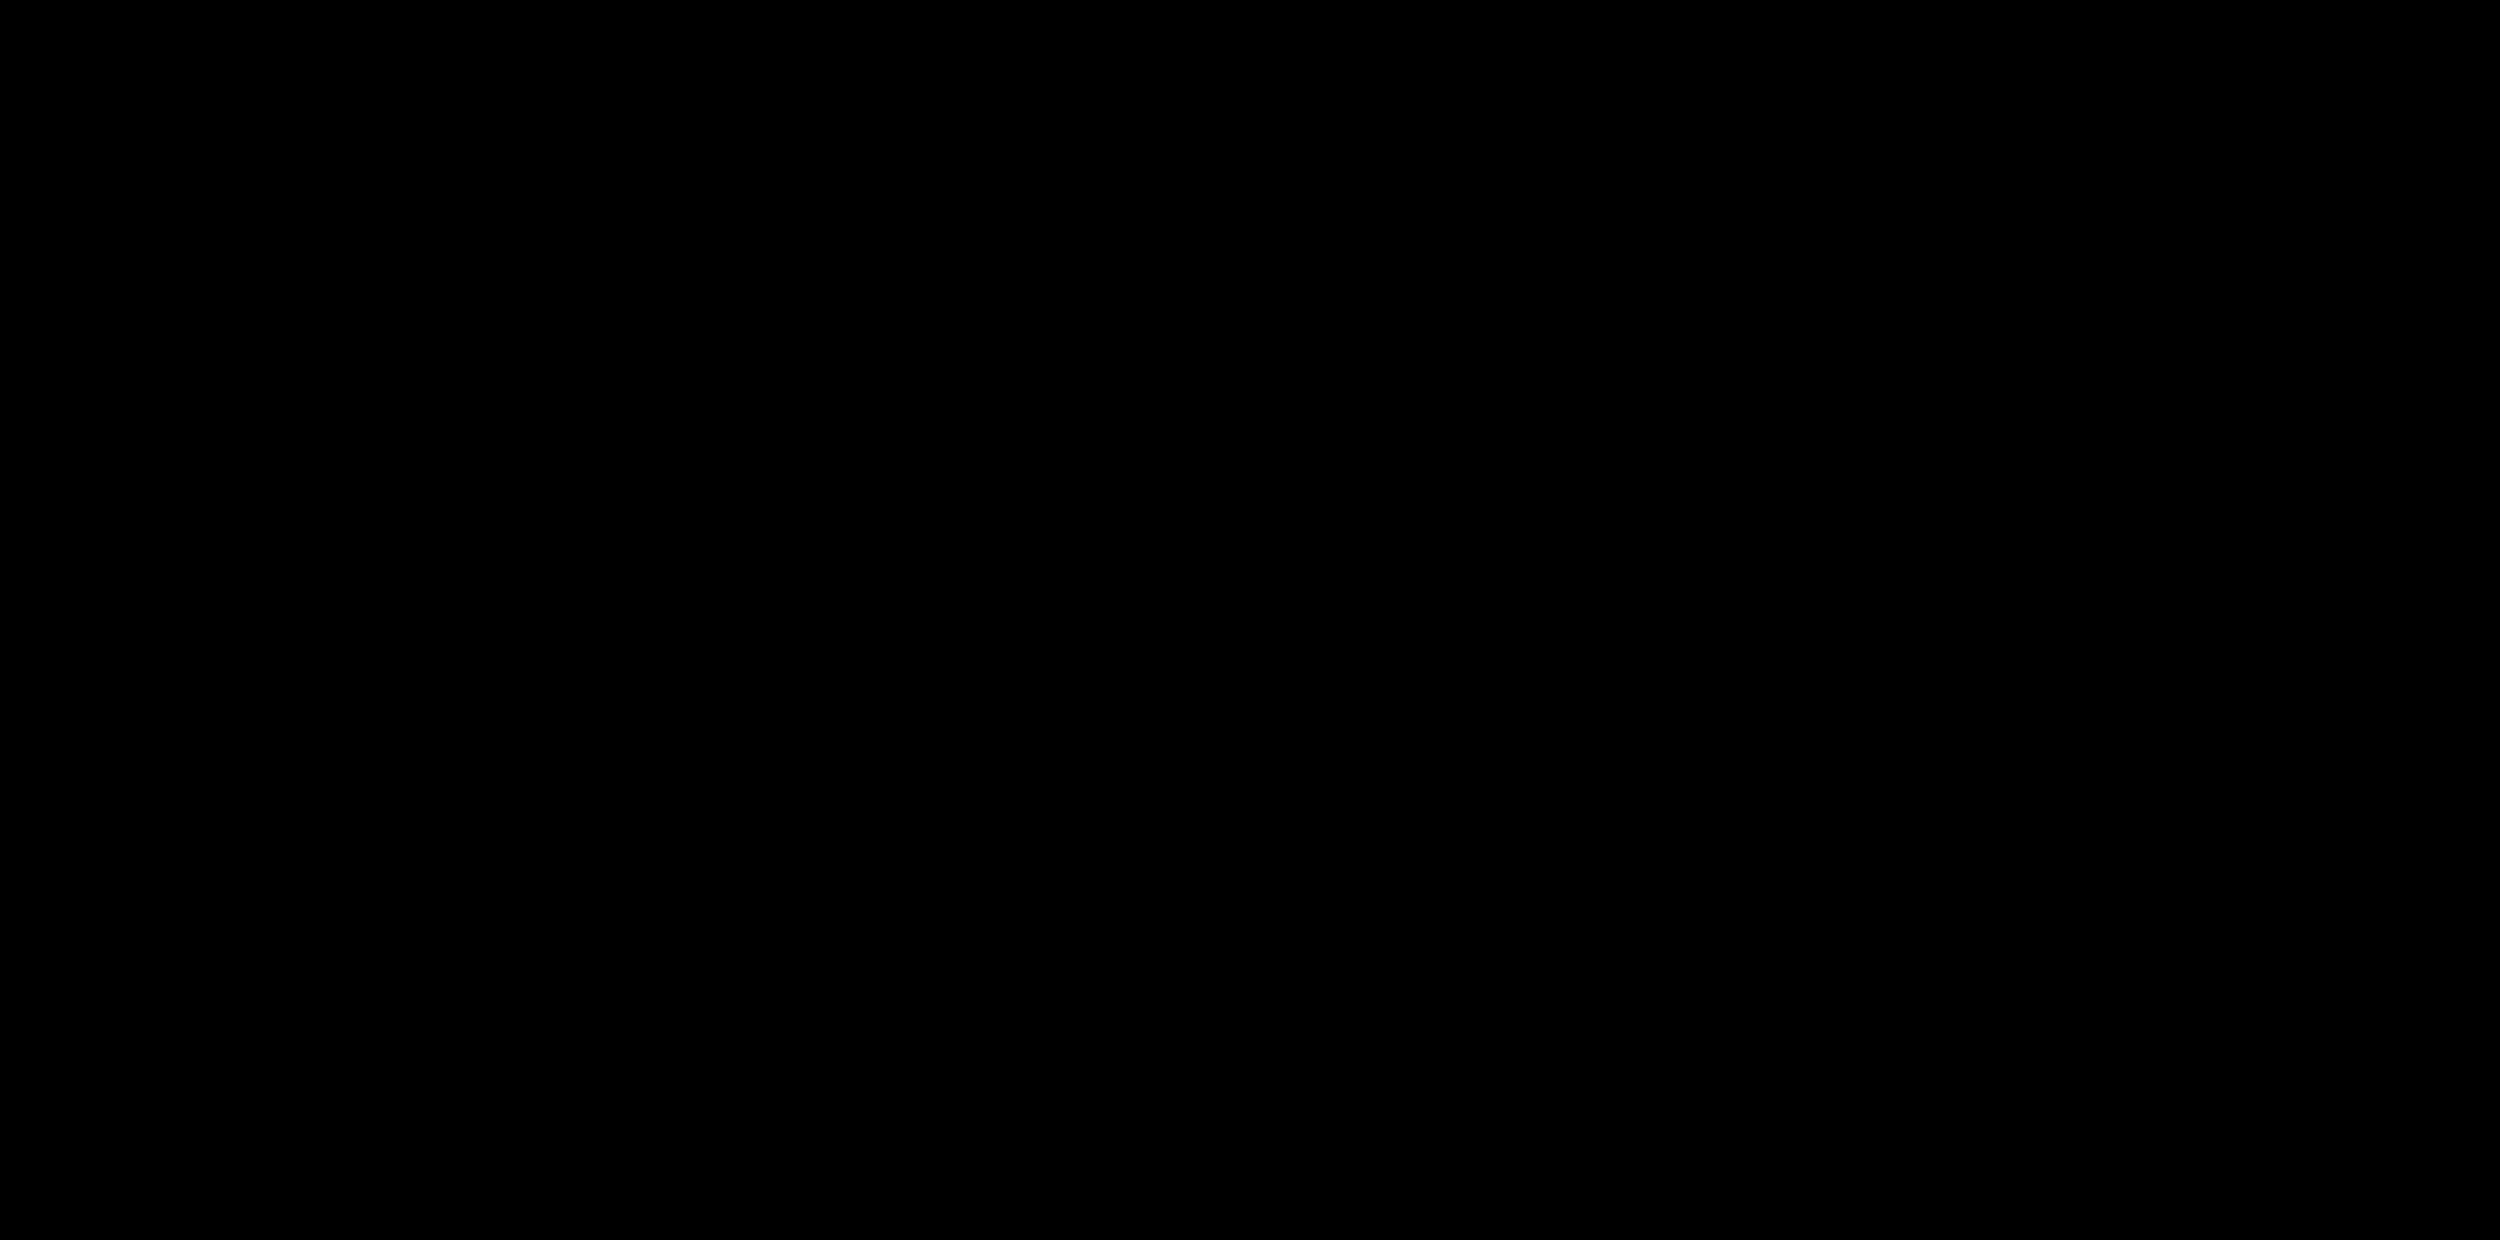 bibelo_logo_essai-1.png